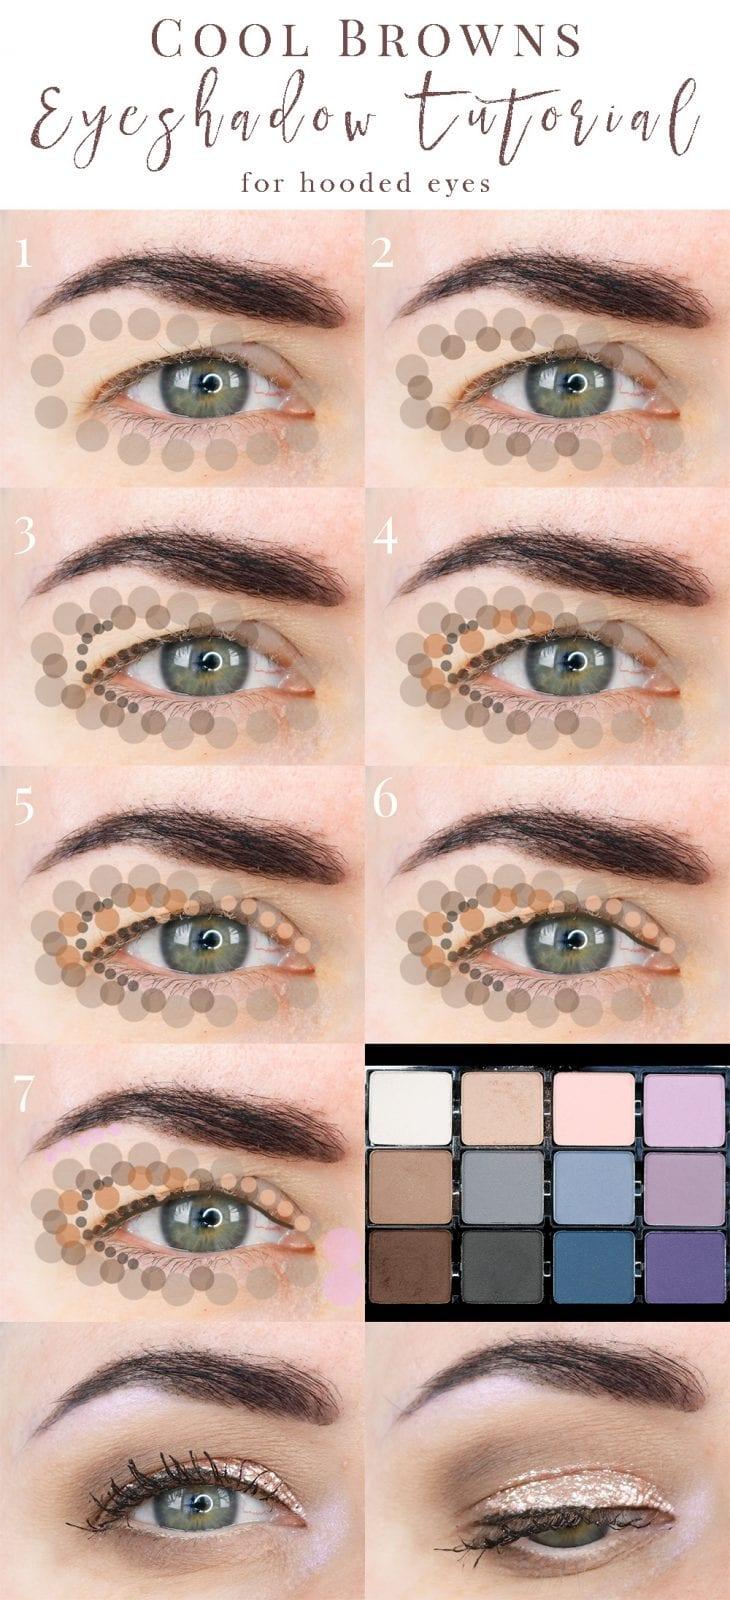 cool browns eyeshadow tutorial great for hooded eyes